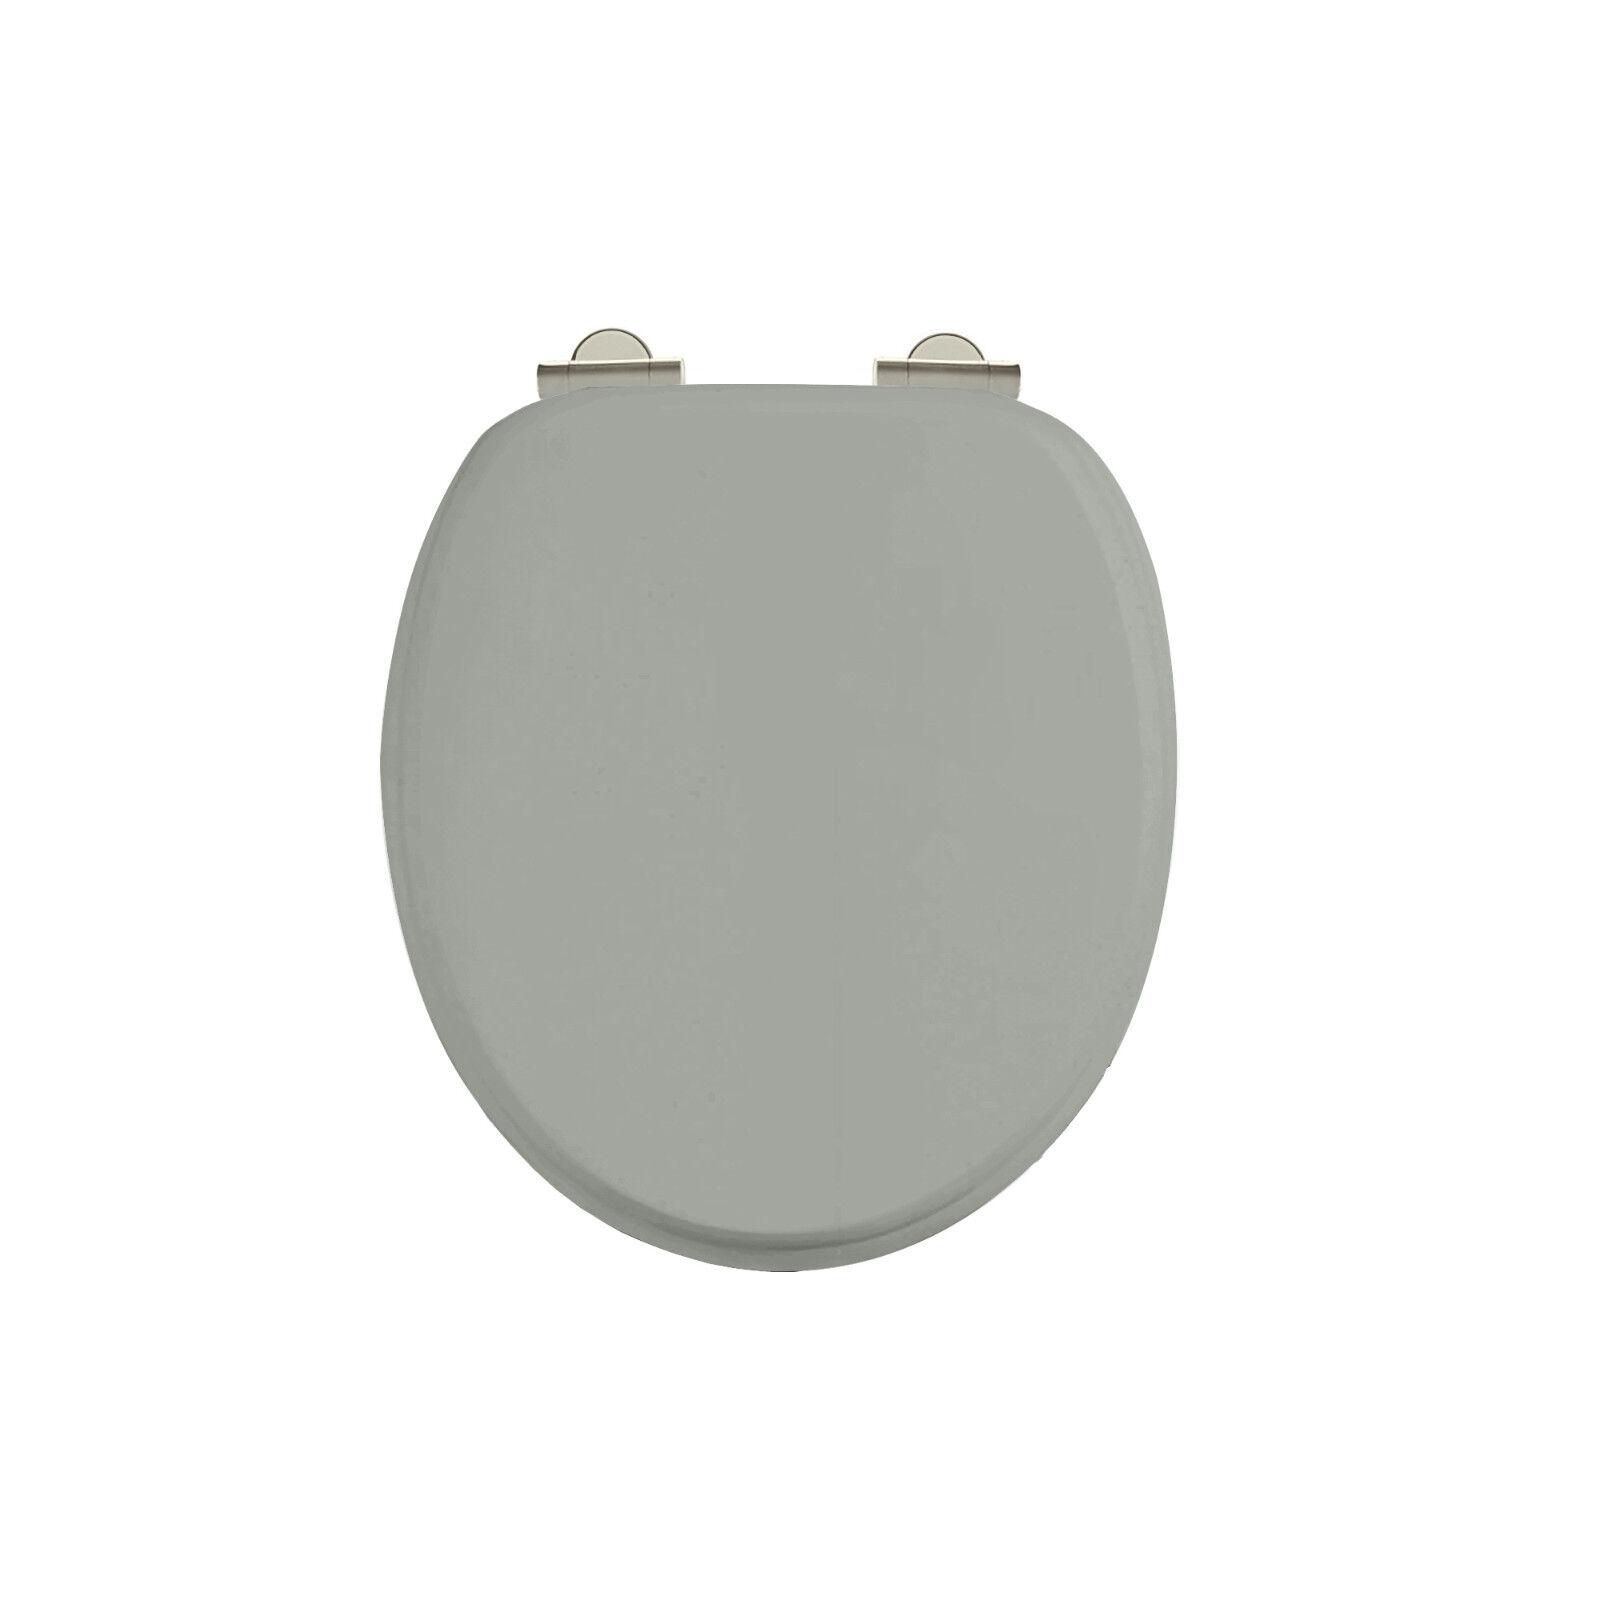 Burlington chrome olive foncé soft close siège de toilette S44, avec ou sans poignées